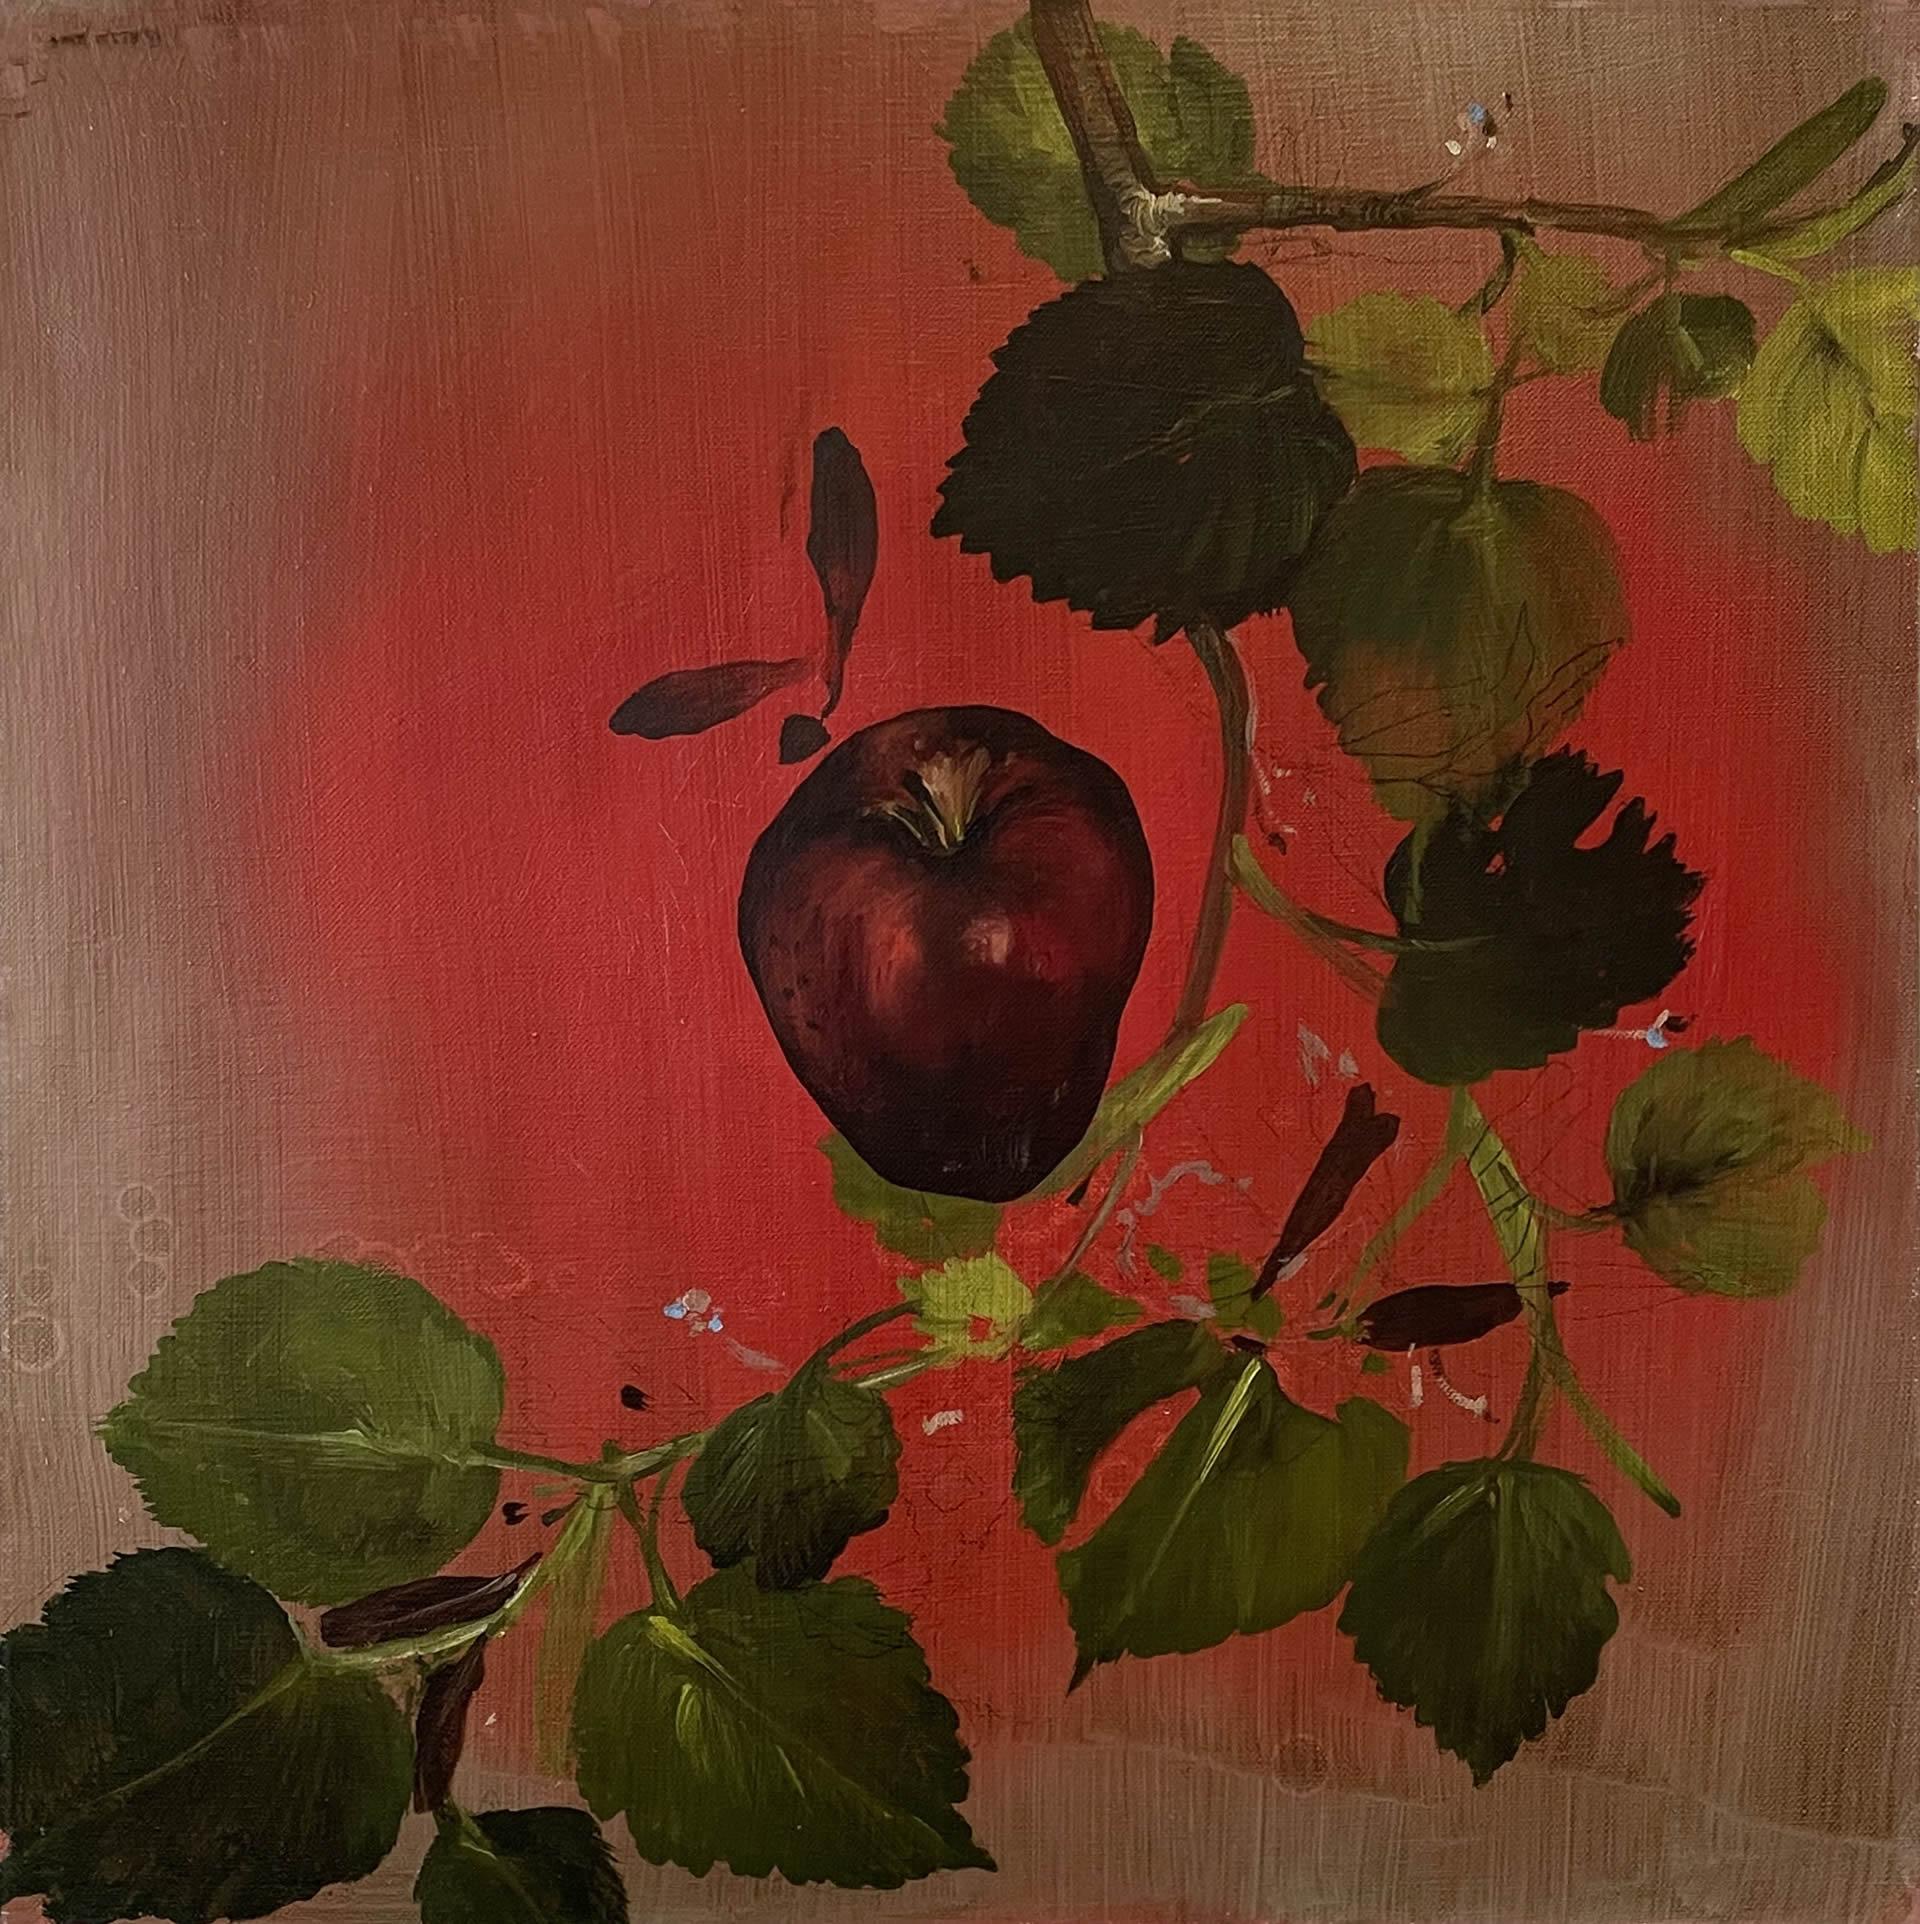 Karen-Yurkovich-PC10-20x20-Online-Art-Galleries